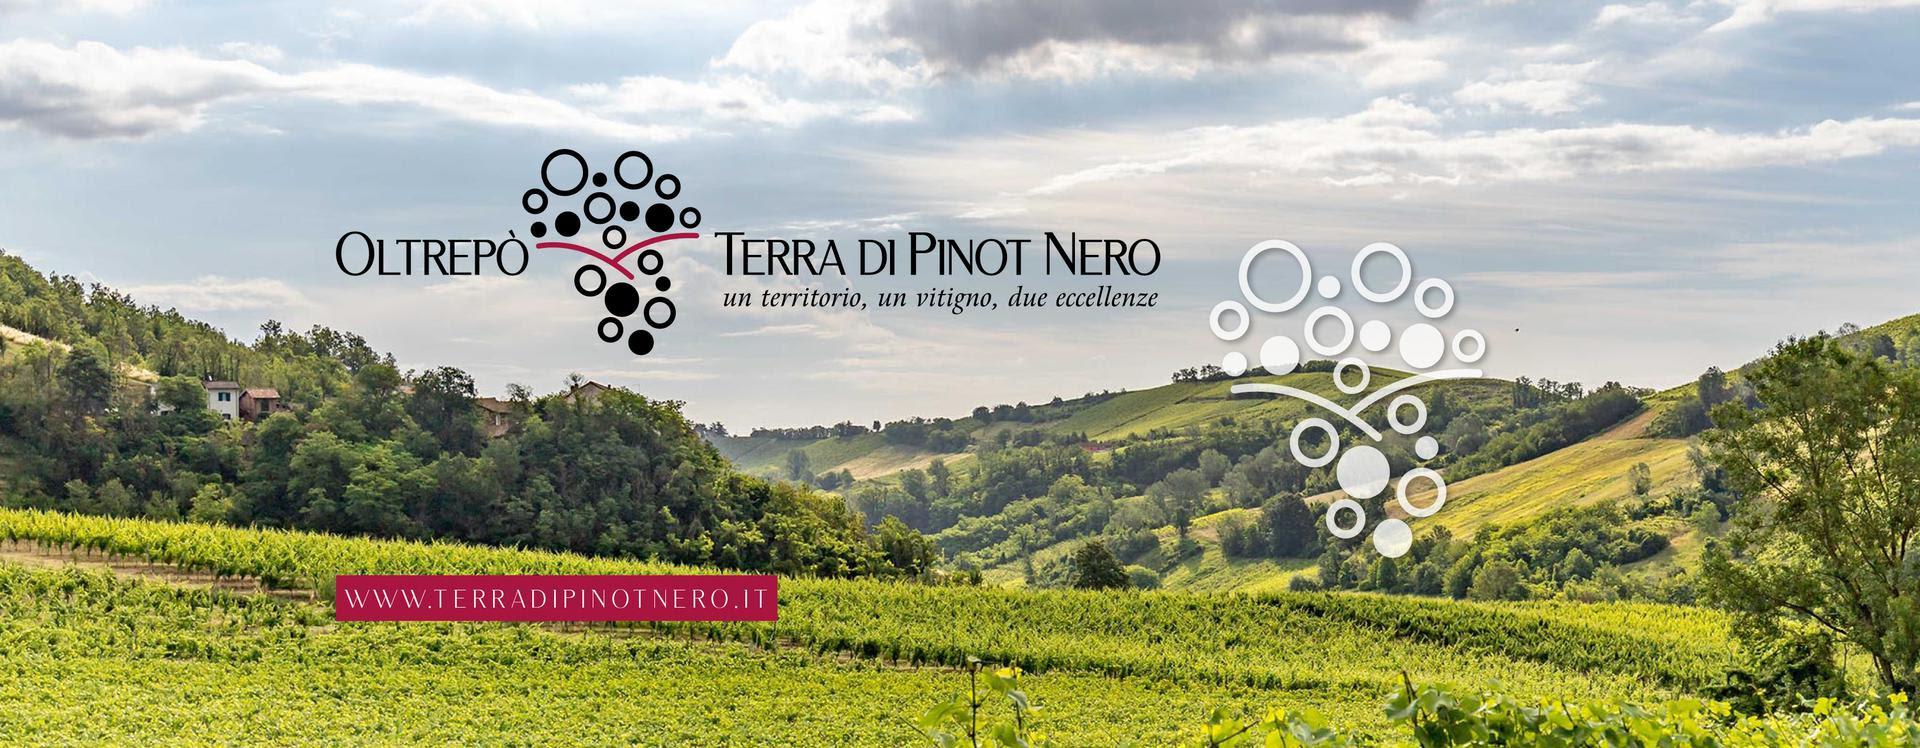 Appuntamento con Oltrepò - Terra di Pinot Nero